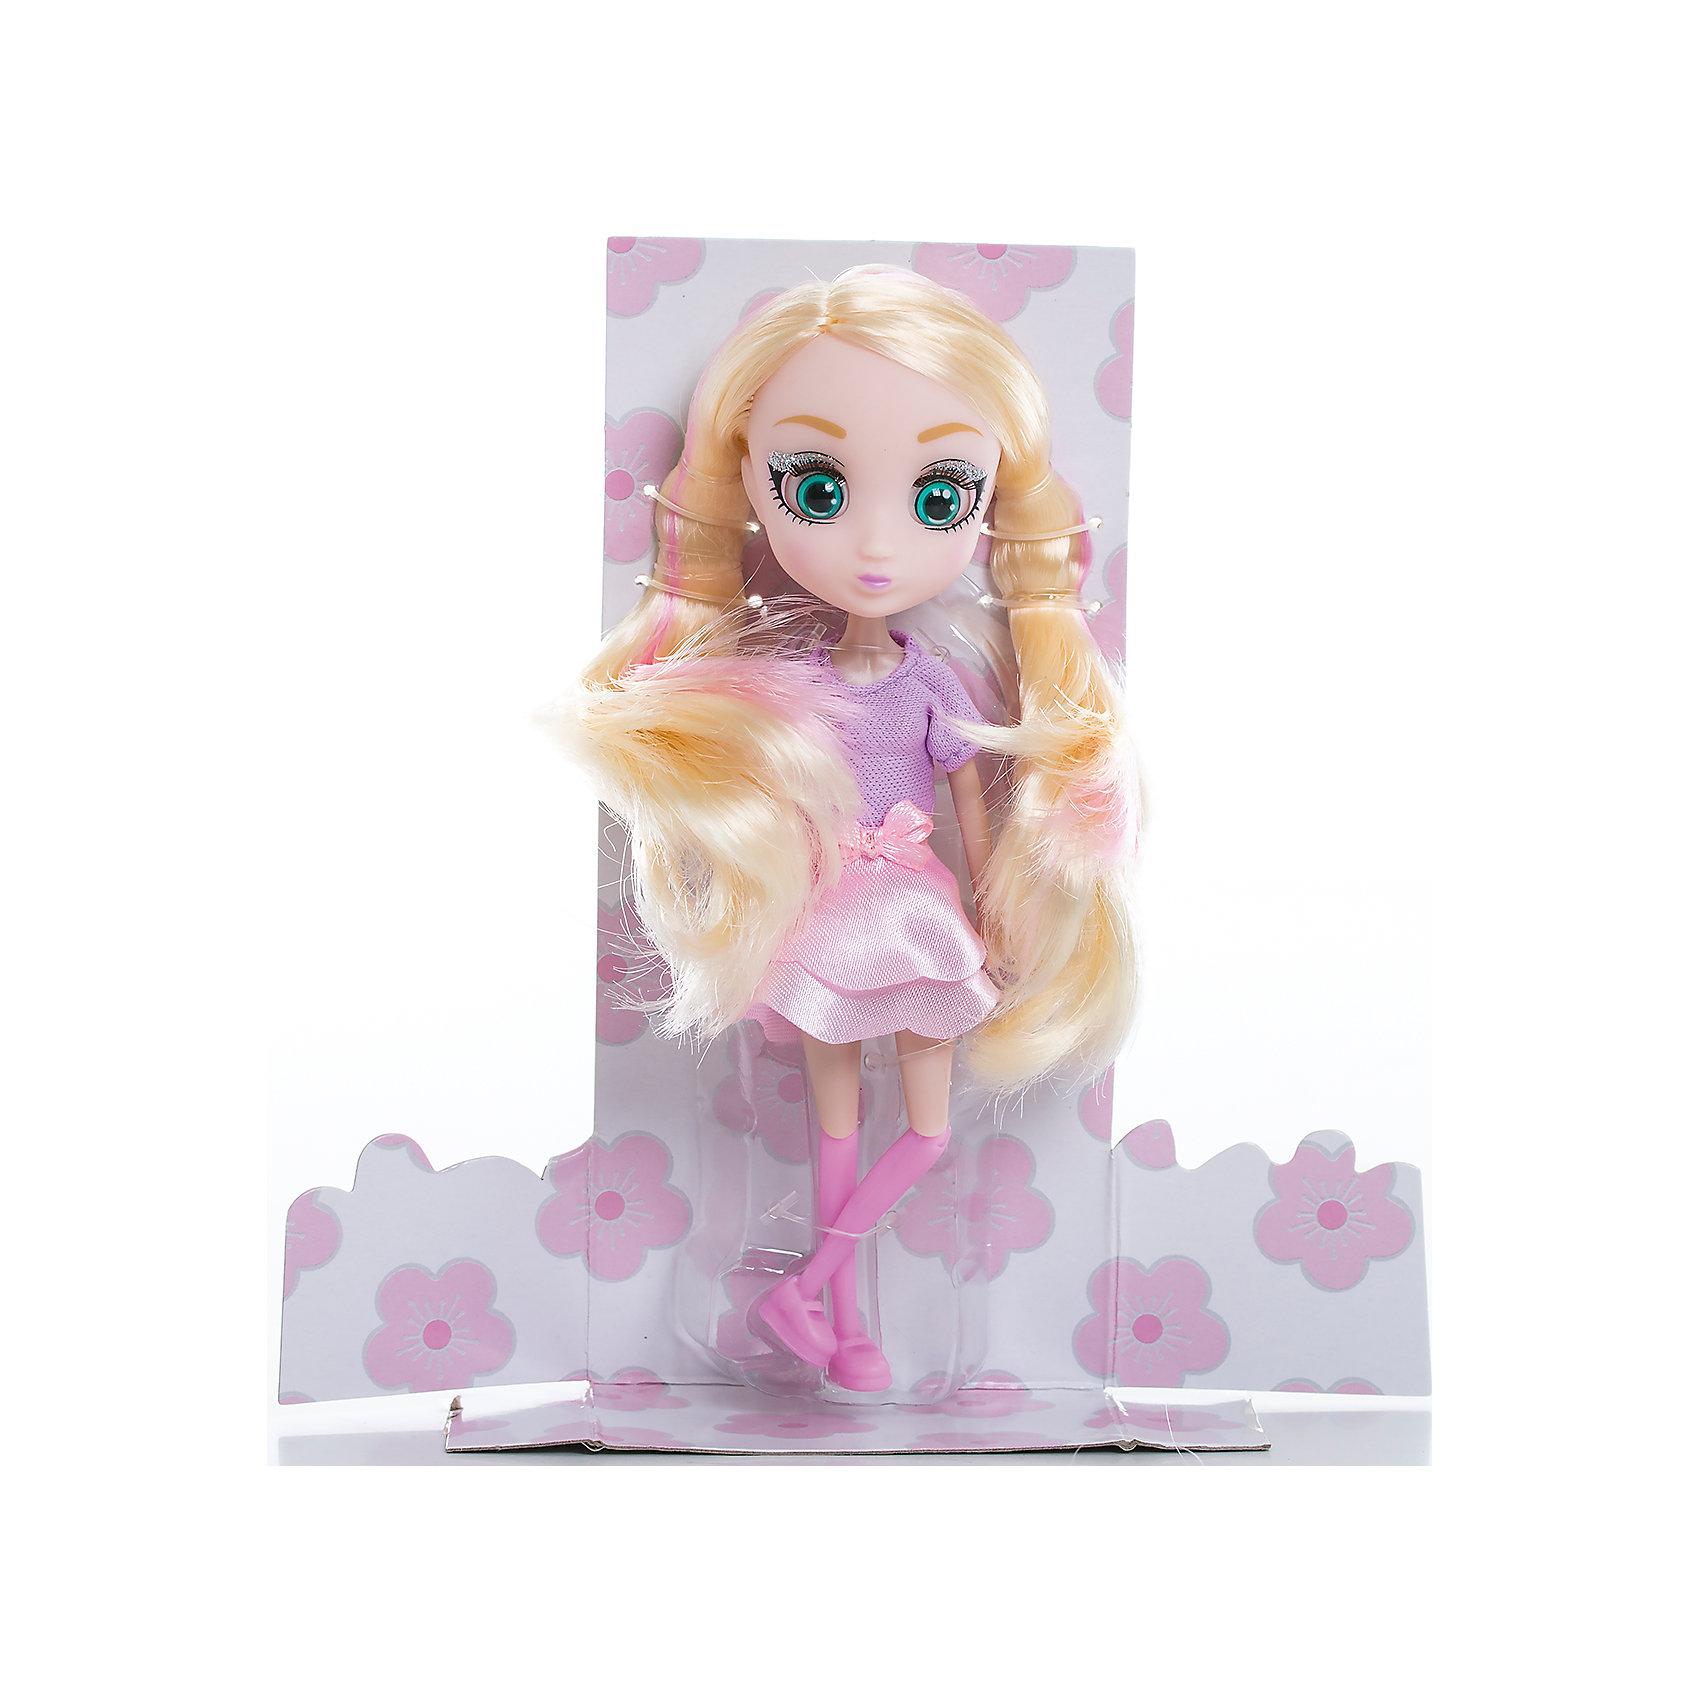 Кукла Шидзуки, 15 см, Шибадзуку ГерлзМини-куклы<br>Характеристики товара:<br><br>• возраст: от 3 лет;<br>• материал: пластик,текстиль;<br>•высота куклы: 15 см;<br>•в комплекте : кукла,аксессуары;<br>• размер упаковки: 5х8х17 см;<br>• вес упаковки: 87 гр.;<br>• страна обладатель бренда: Австралия;<br>• бренд: Hunter Products. <br><br>Представляем Вашему вниманию куклу Шидзуки — эта стильная блондинка очень талантлива и креативна, она обожает сочинять музыку и мечтает стать крутым дизайнером. На этот раз Шидзуки одета в сиреневую кофточку с коротким рукавом, розовую юбку с бантиком на поясе, розовые гетры и ботиночки.<br><br>А еще у куклы яркий макияж и длинные светлые волосы с розовыми прядями. Девочка сможет сделать очень много необычных причесок для любимой игрушки. Также у куклы подвижная голова, руки и ноги. Руки без шарниров, а вот ноги сгибаются в бедре, прокручиваются и сгибаются в колене. <br><br>Куклу Шидзуки ,15 см  можно приобрести в нашем интернет-магазине.<br><br>Ширина мм: 80<br>Глубина мм: 50<br>Высота мм: 170<br>Вес г: 87<br>Возраст от месяцев: 36<br>Возраст до месяцев: 2147483647<br>Пол: Женский<br>Возраст: Детский<br>SKU: 6916231